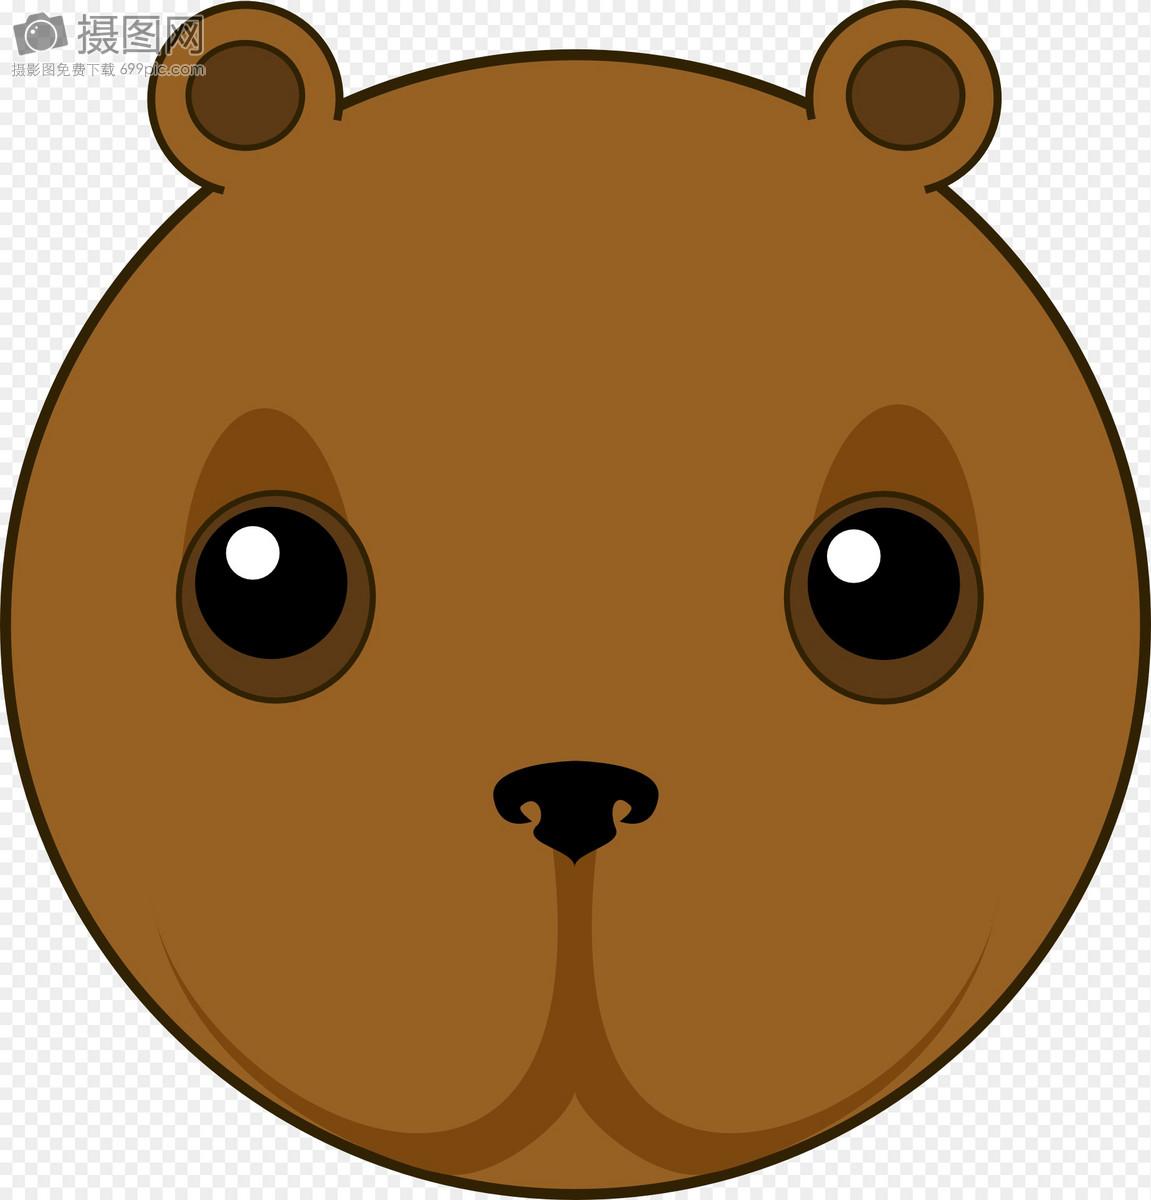 可爱的熊头图片